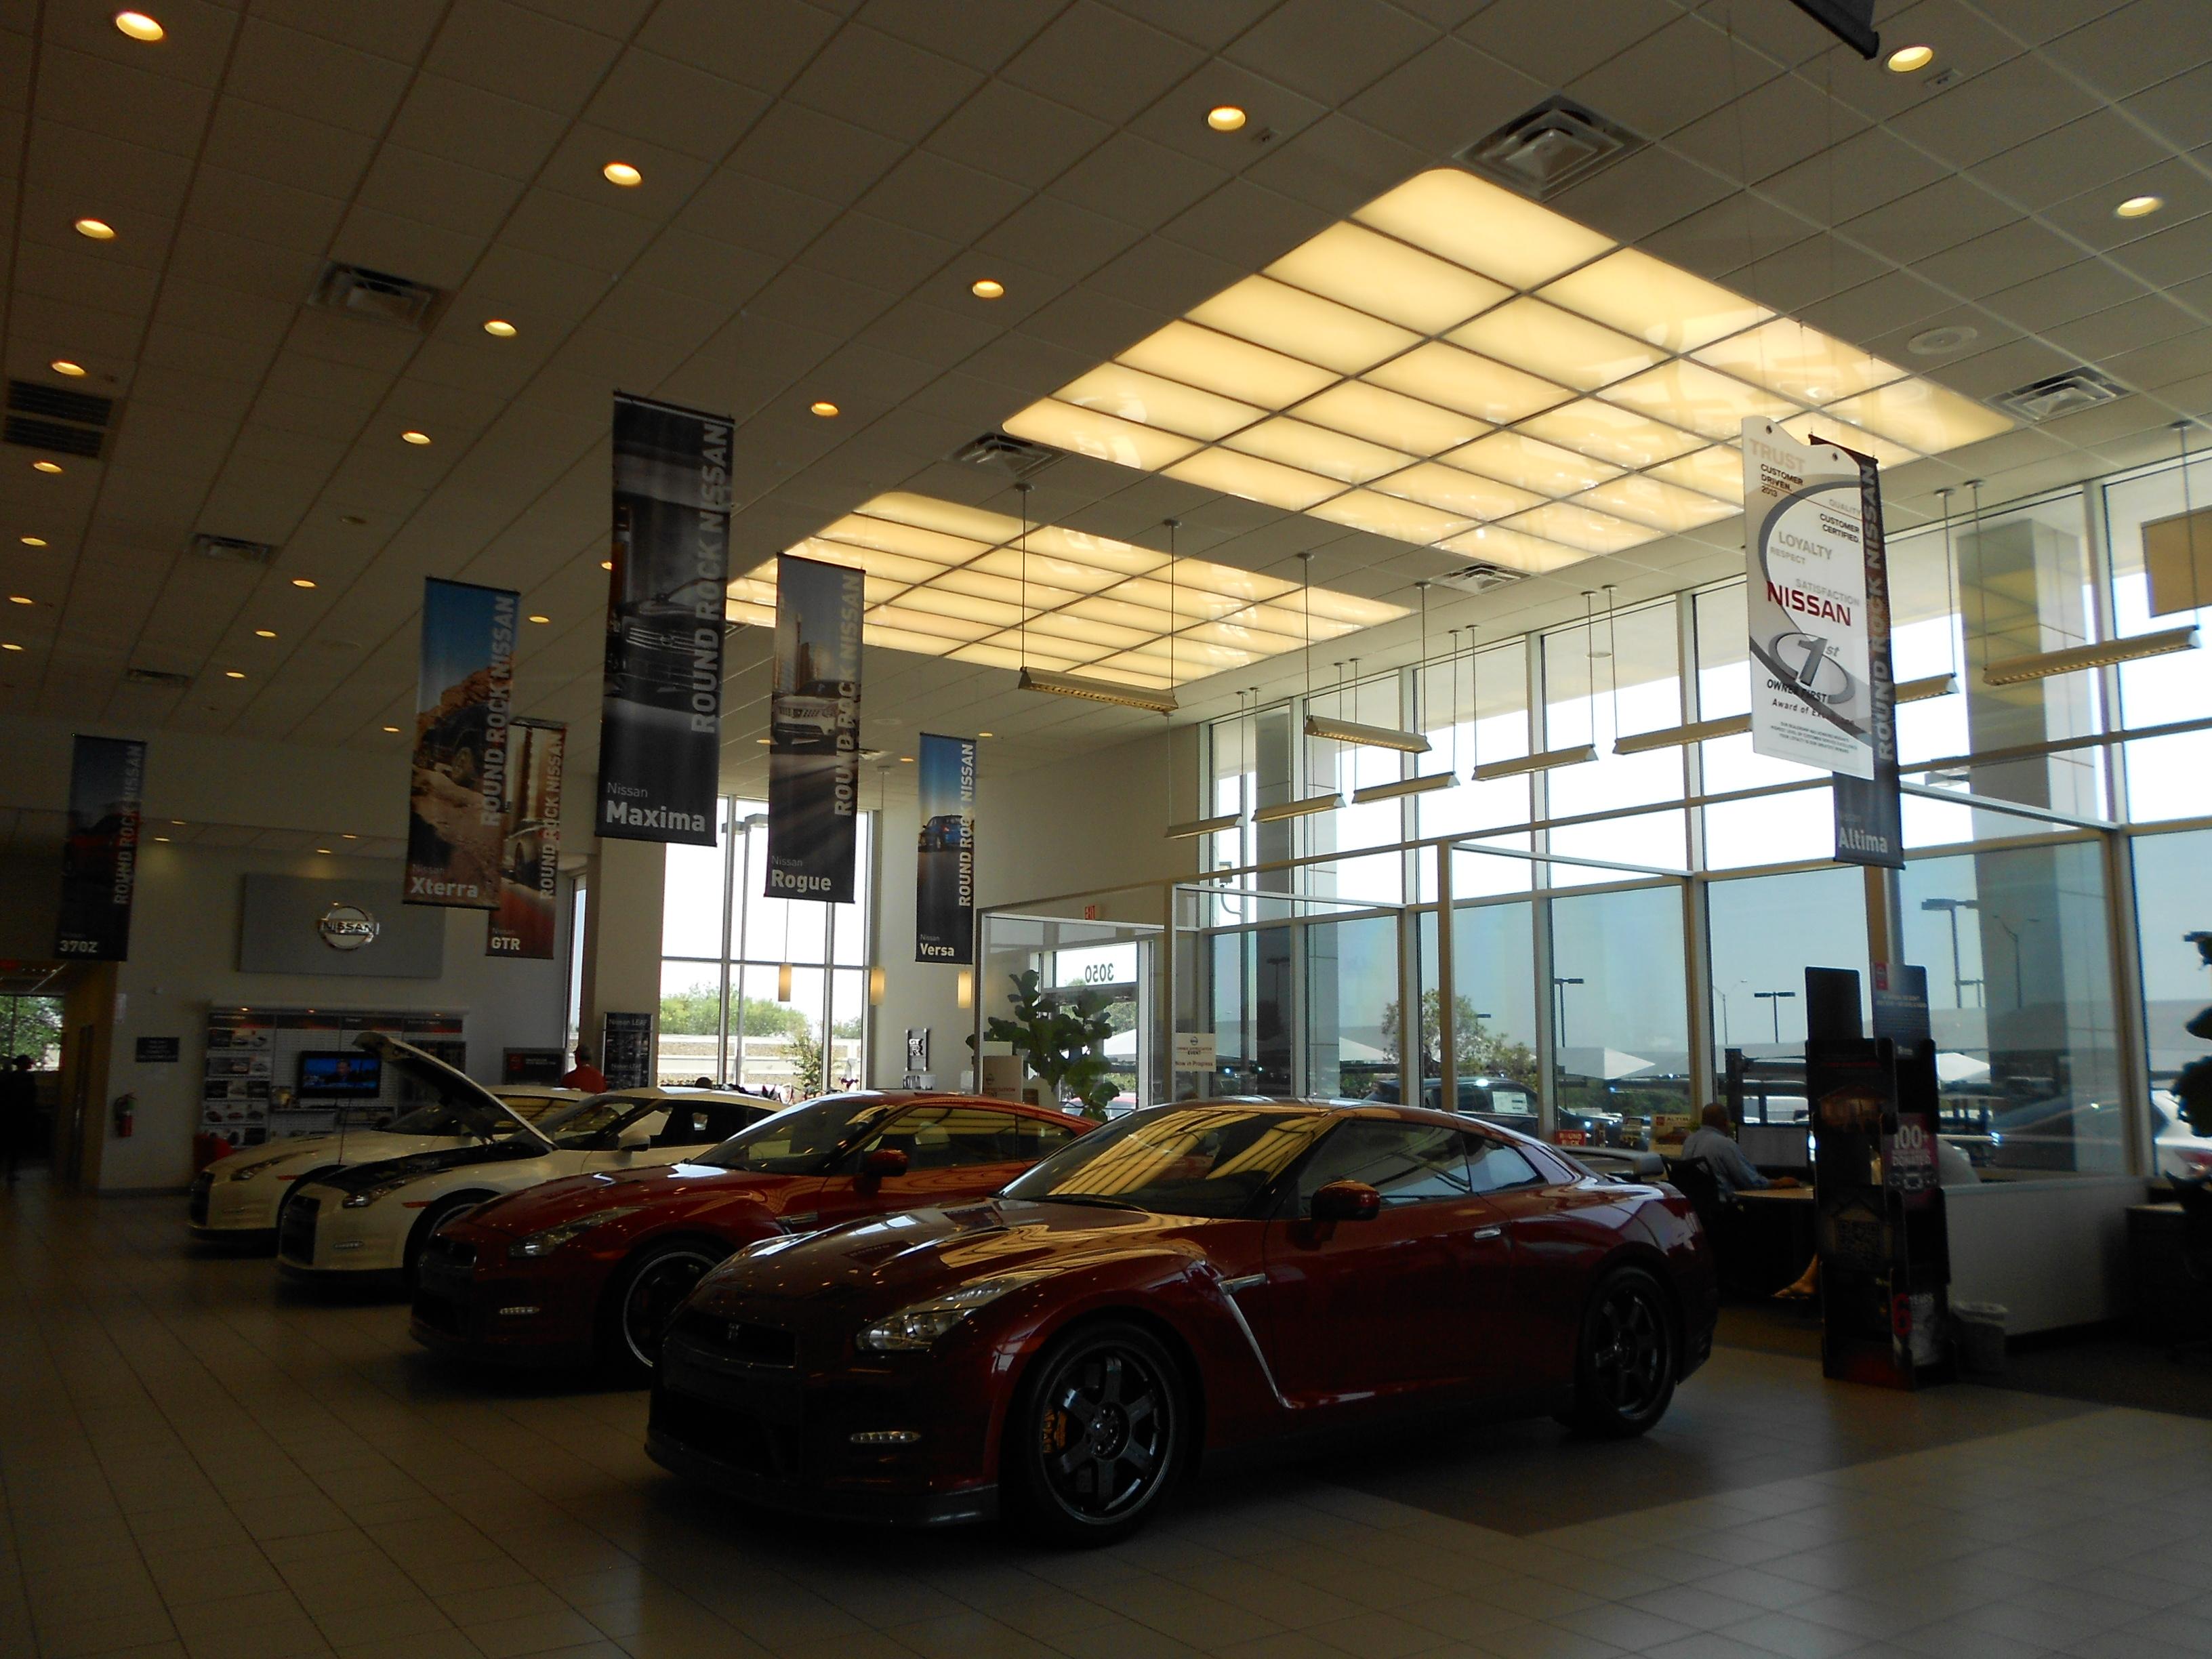 Round Rock Nissan 3050 North IH 35 Round Rock, TX Auto Dealers   MapQuest